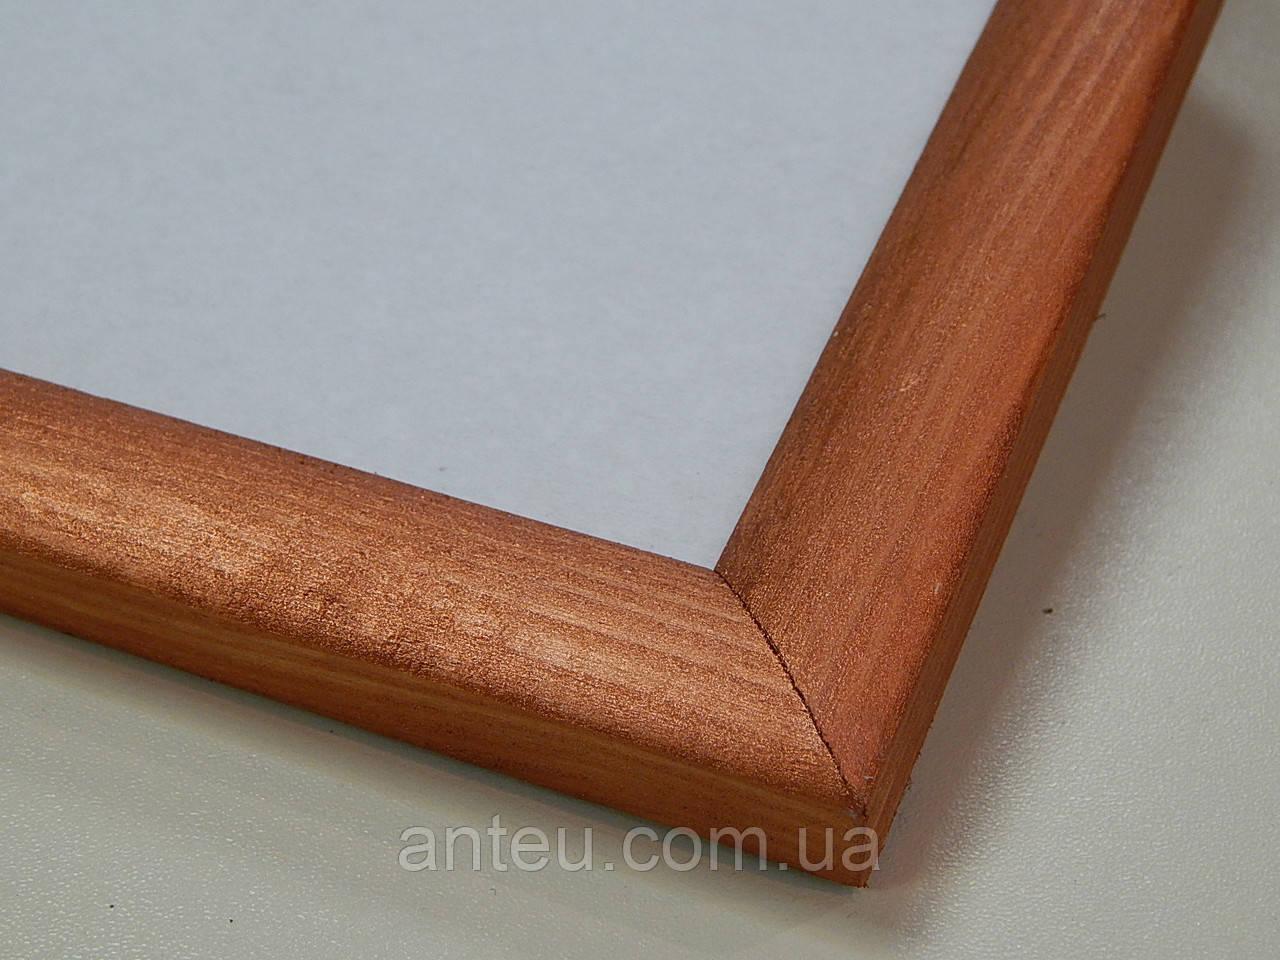 Рамки деревянные (сосна).23 мм.Медь.